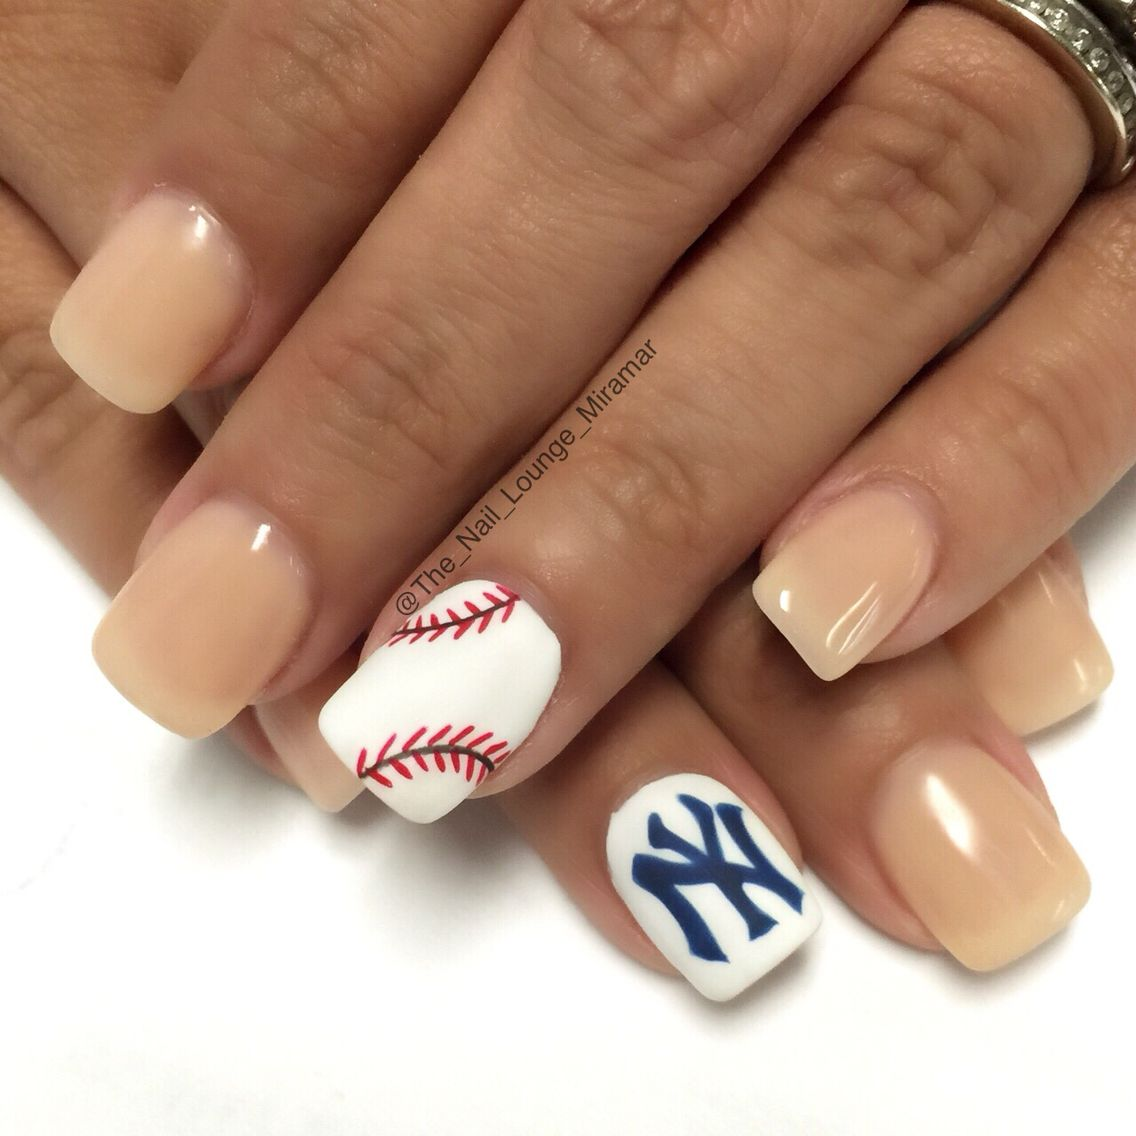 Sport New York NY Yankees baseball nail art design   Nail Art ...